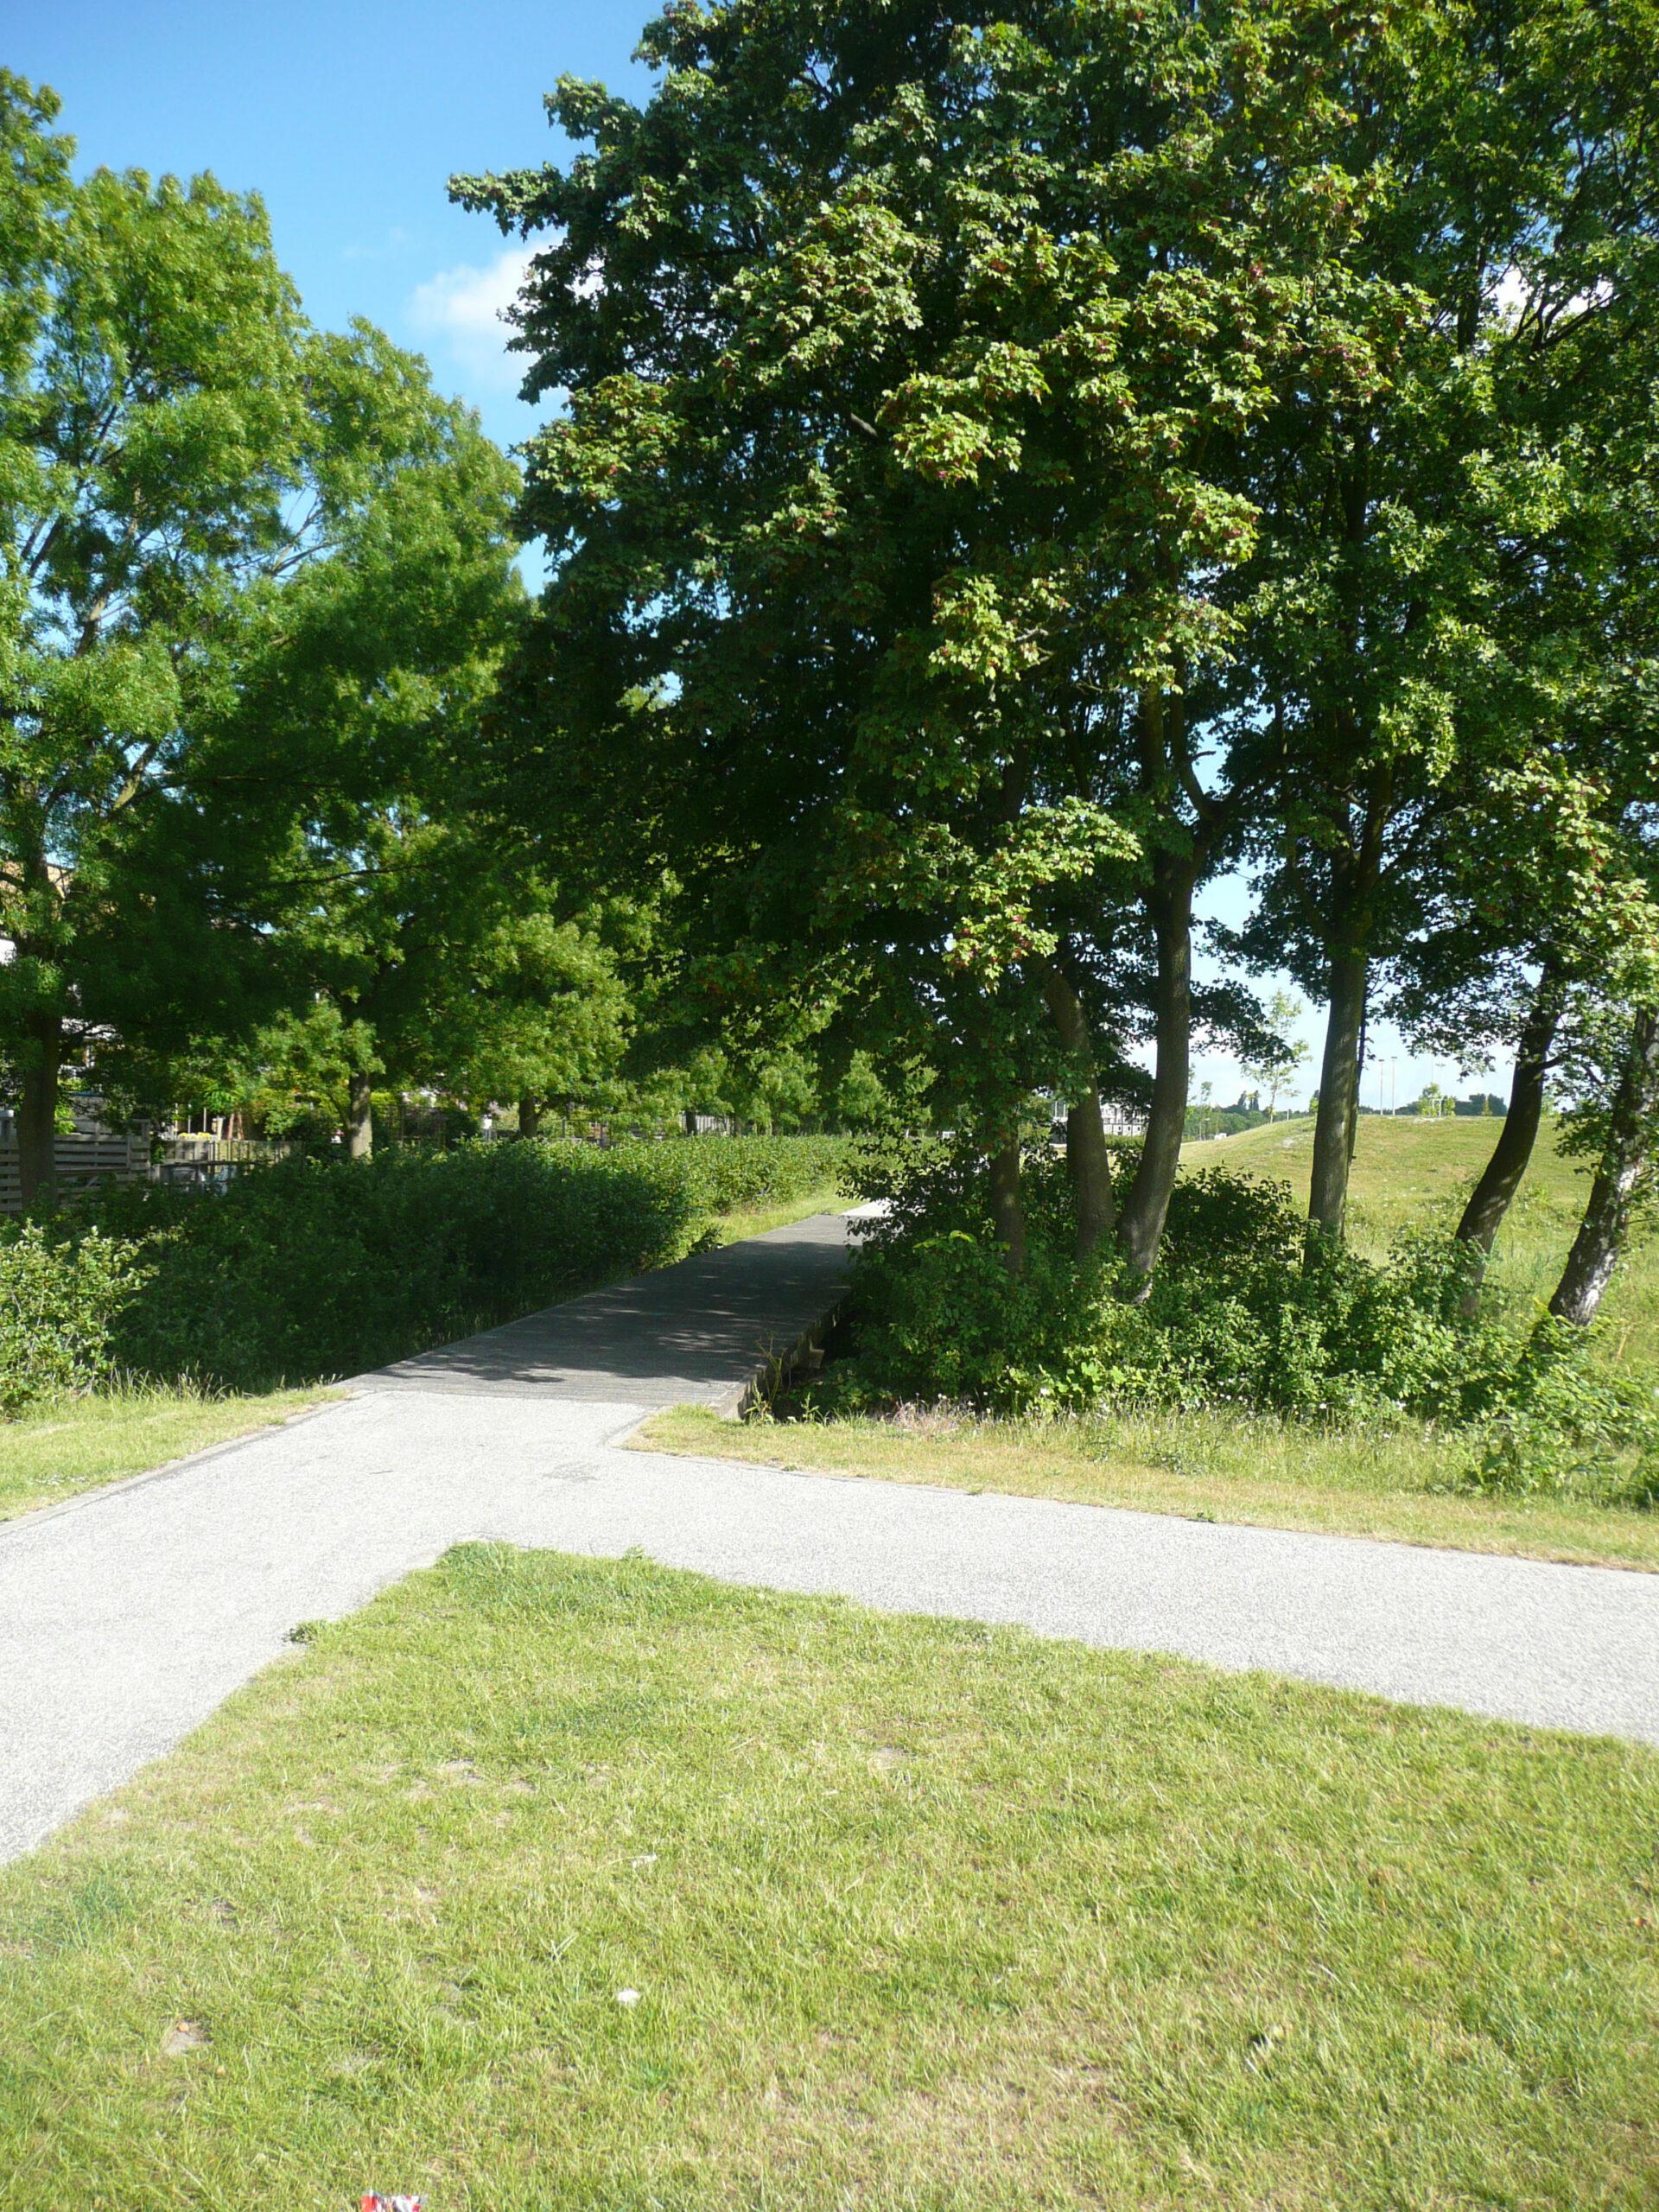 Diekman-landschapsarchitecten_park-endezant_rijswijk_foto2_111_0174